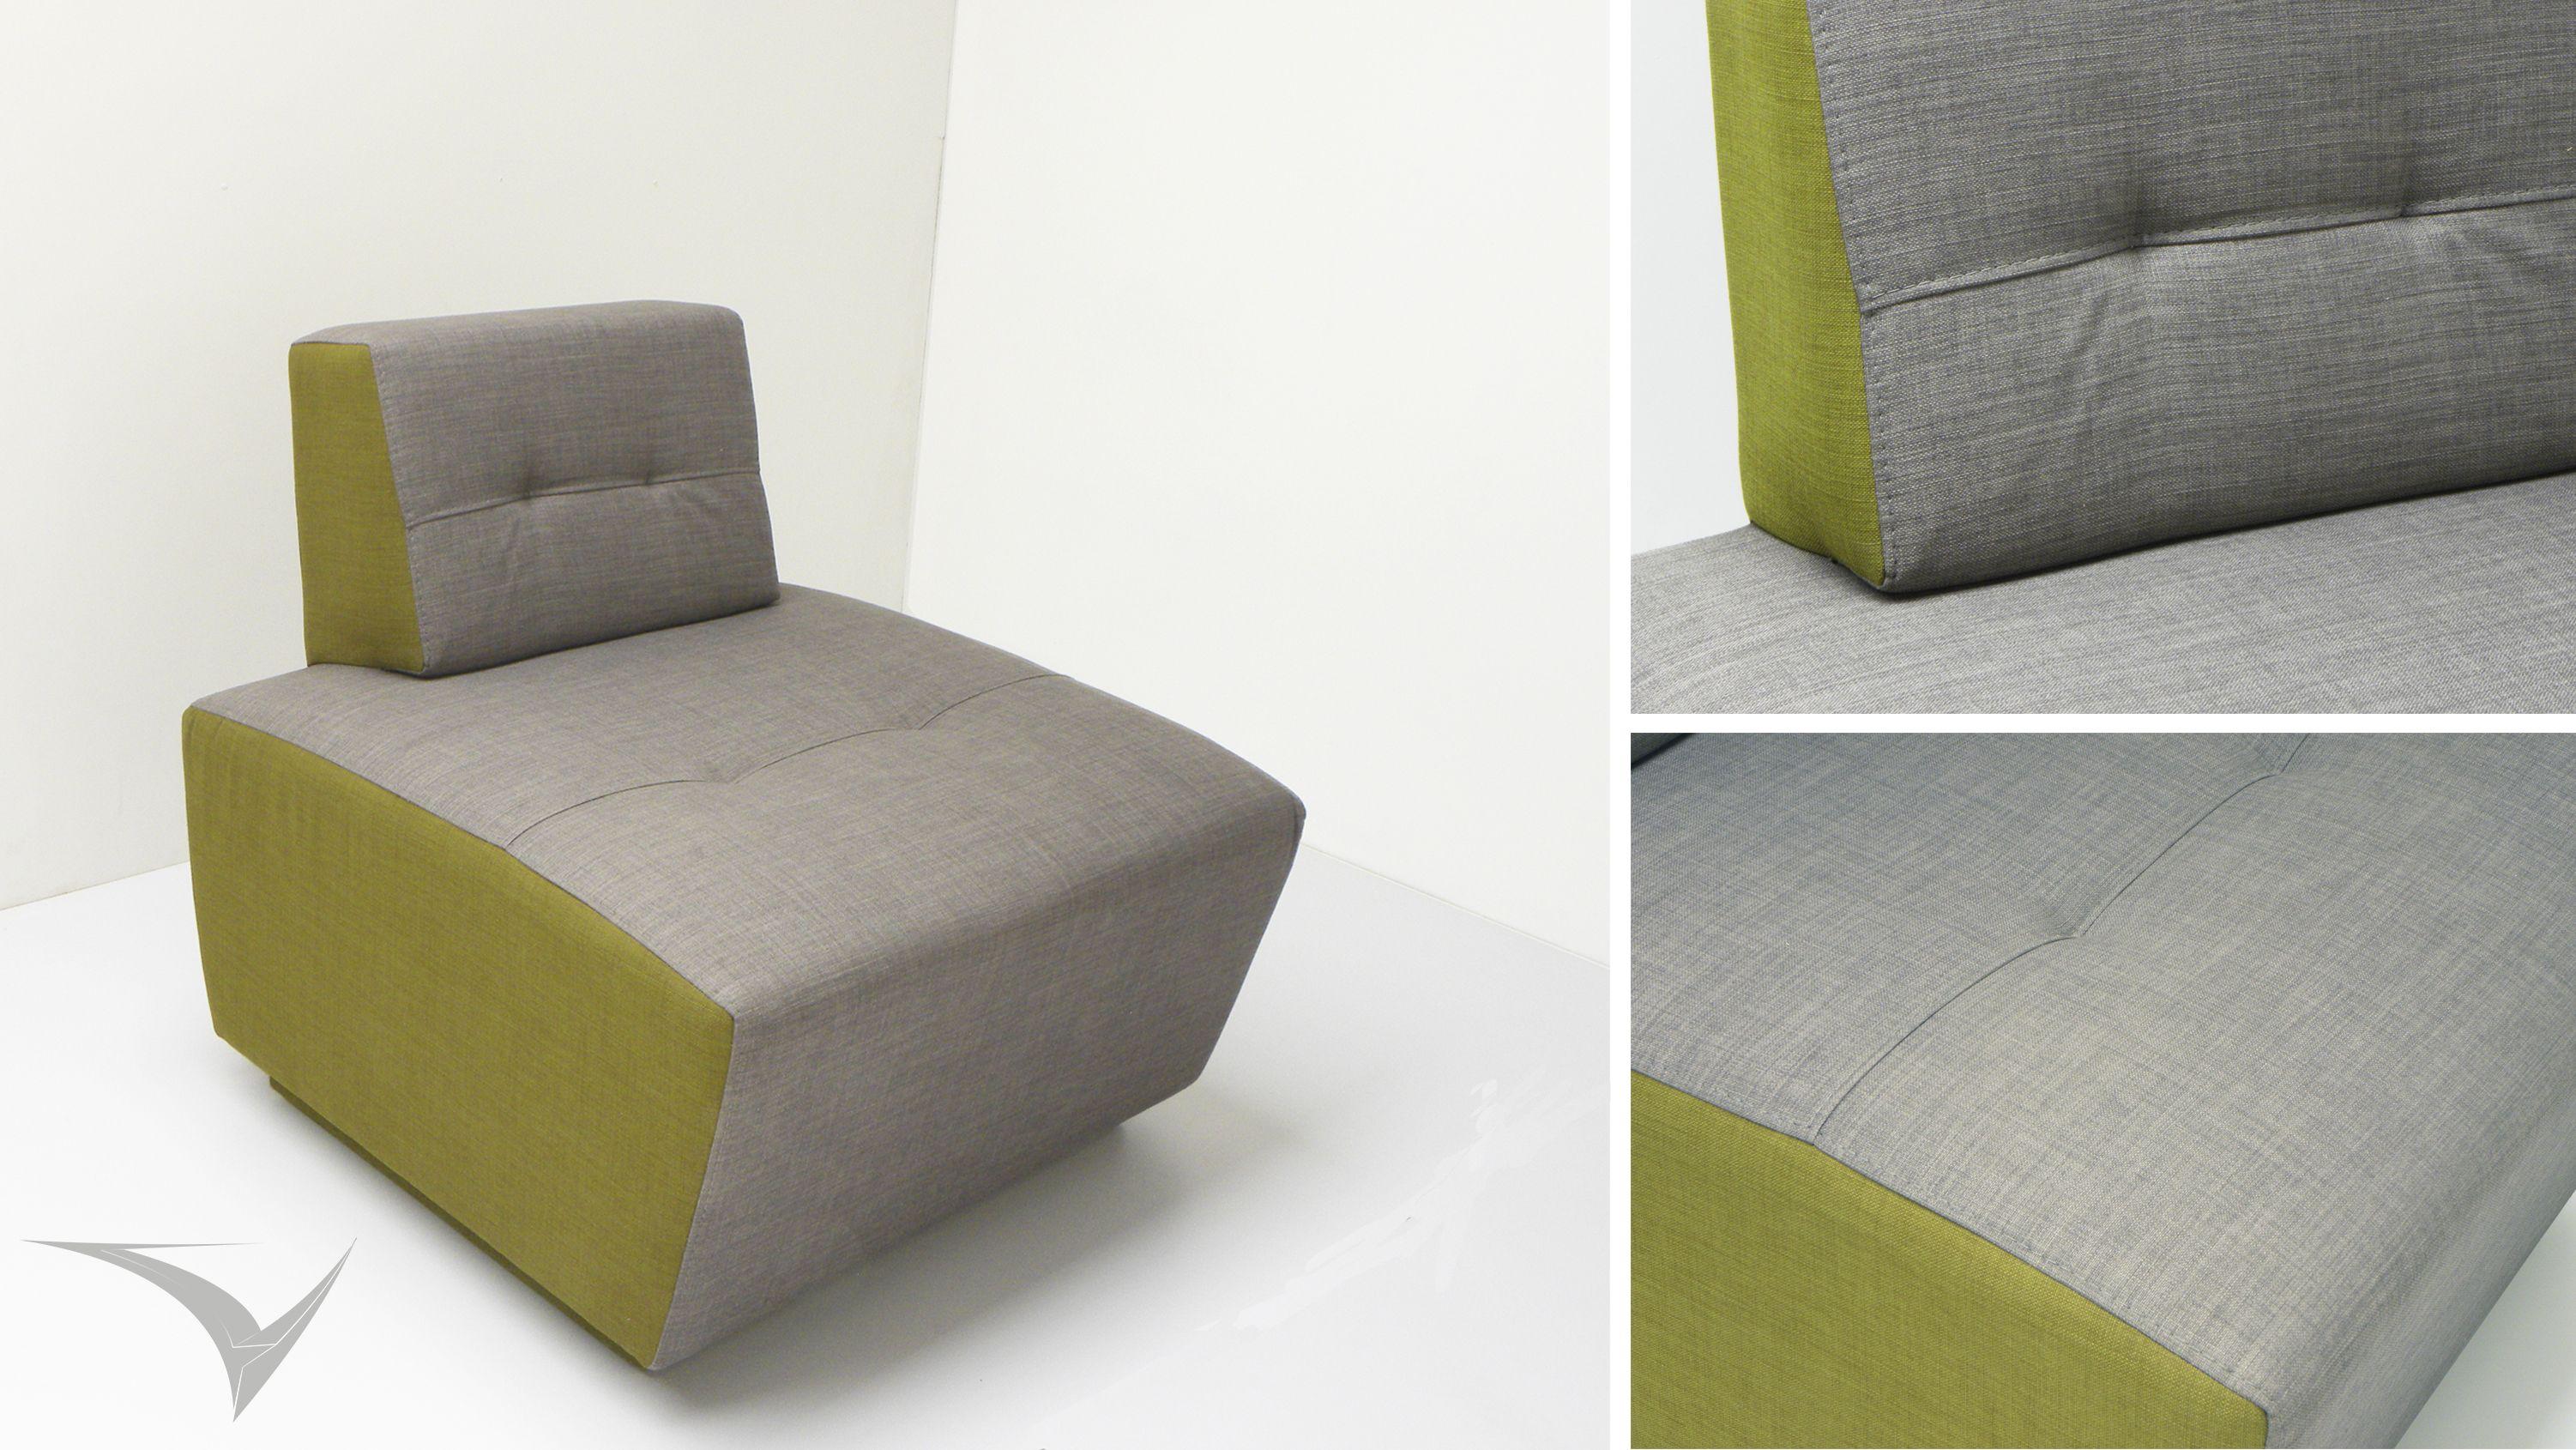 """""""SOG"""" Sofa inspirado en las puntadas y abotonados  clasicos españoles reinterpretados en formas y colores que estilizan el espacio. Fotografia: Fabian Virviescas https://instagram.com/vircorpdesign/"""